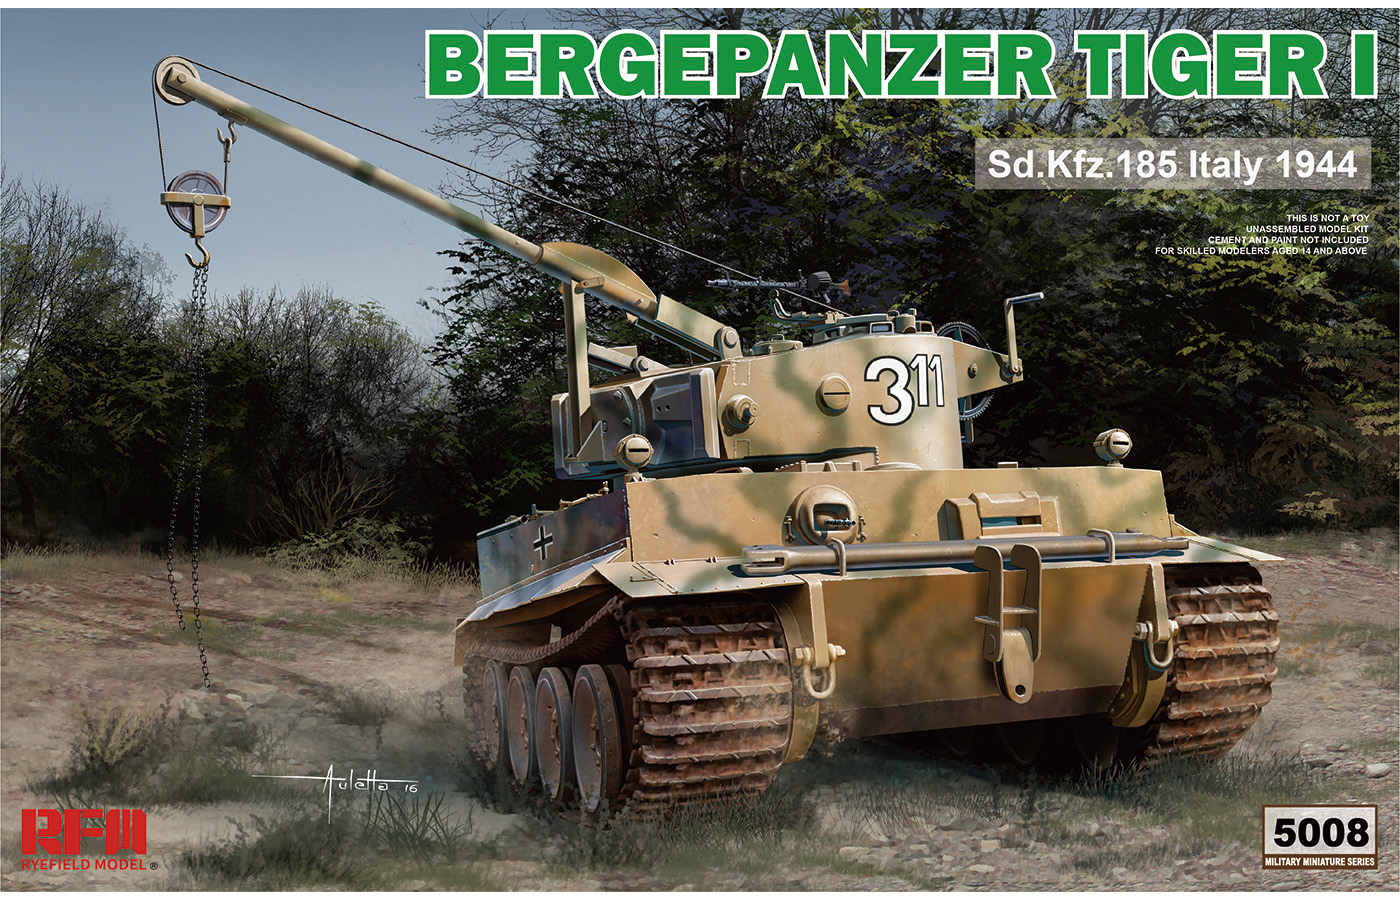 RM-5008 BERGEPANZER TIGER I